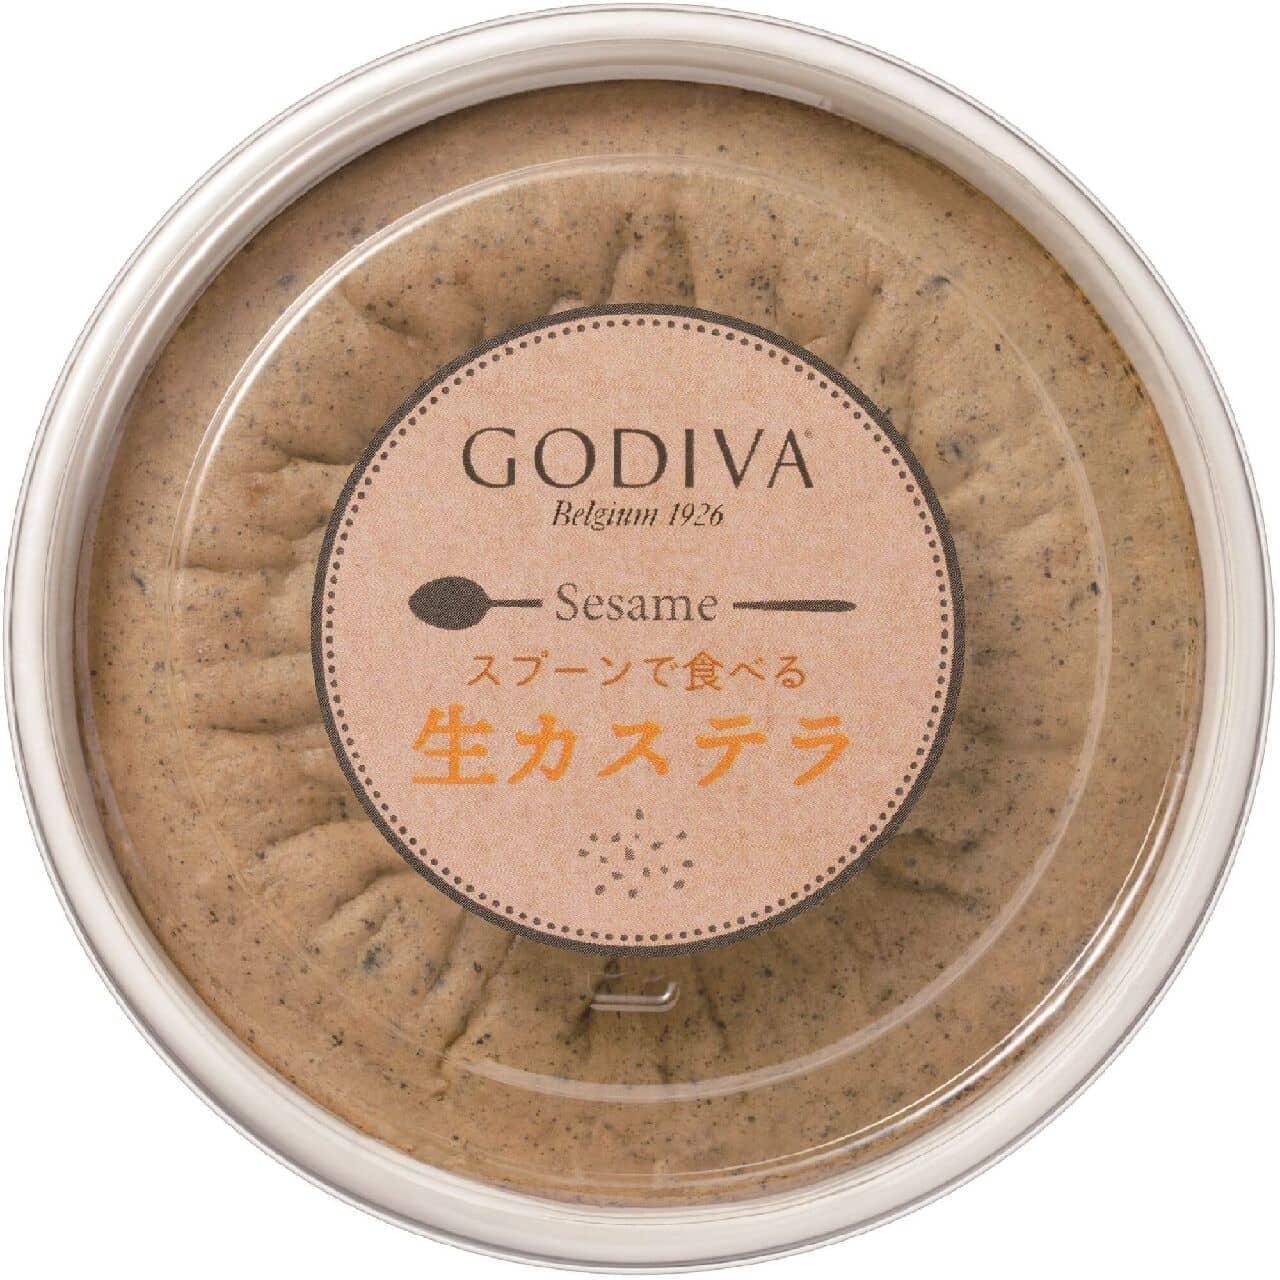 ゴディバ「スプーンで食べる生カステラ セサミ」